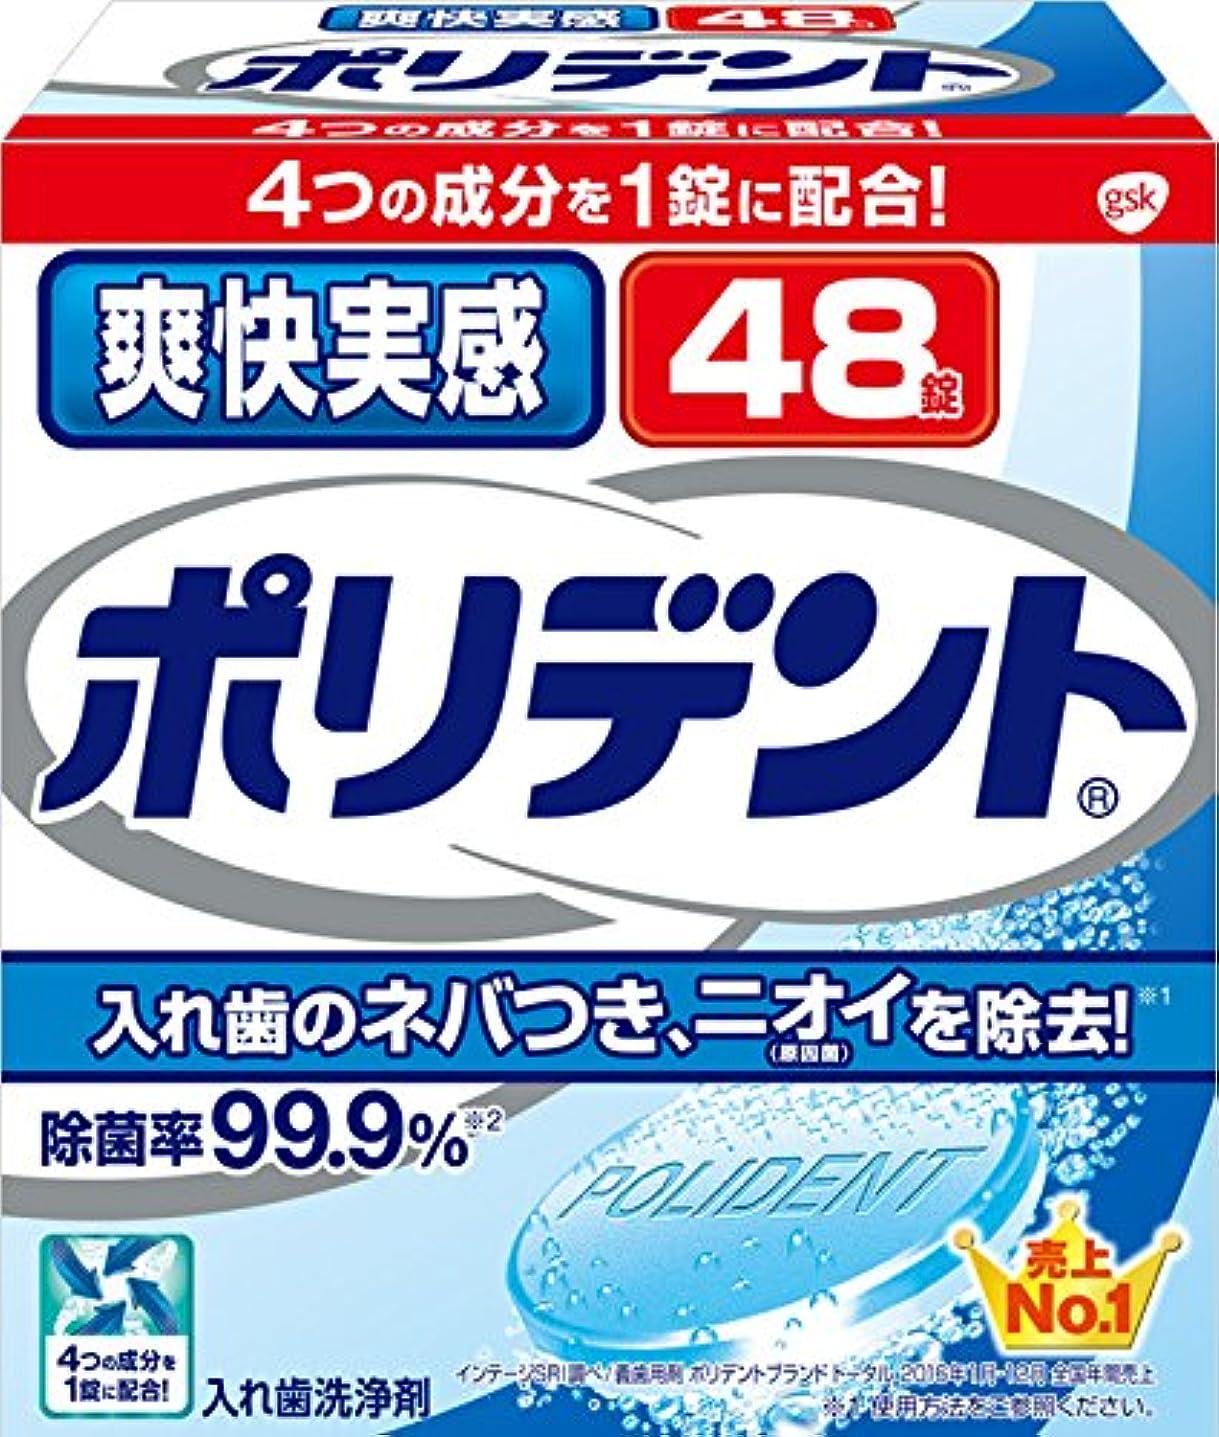 朝冷酷なアイドル入れ歯洗浄剤 爽快実感 ポリデント 48錠